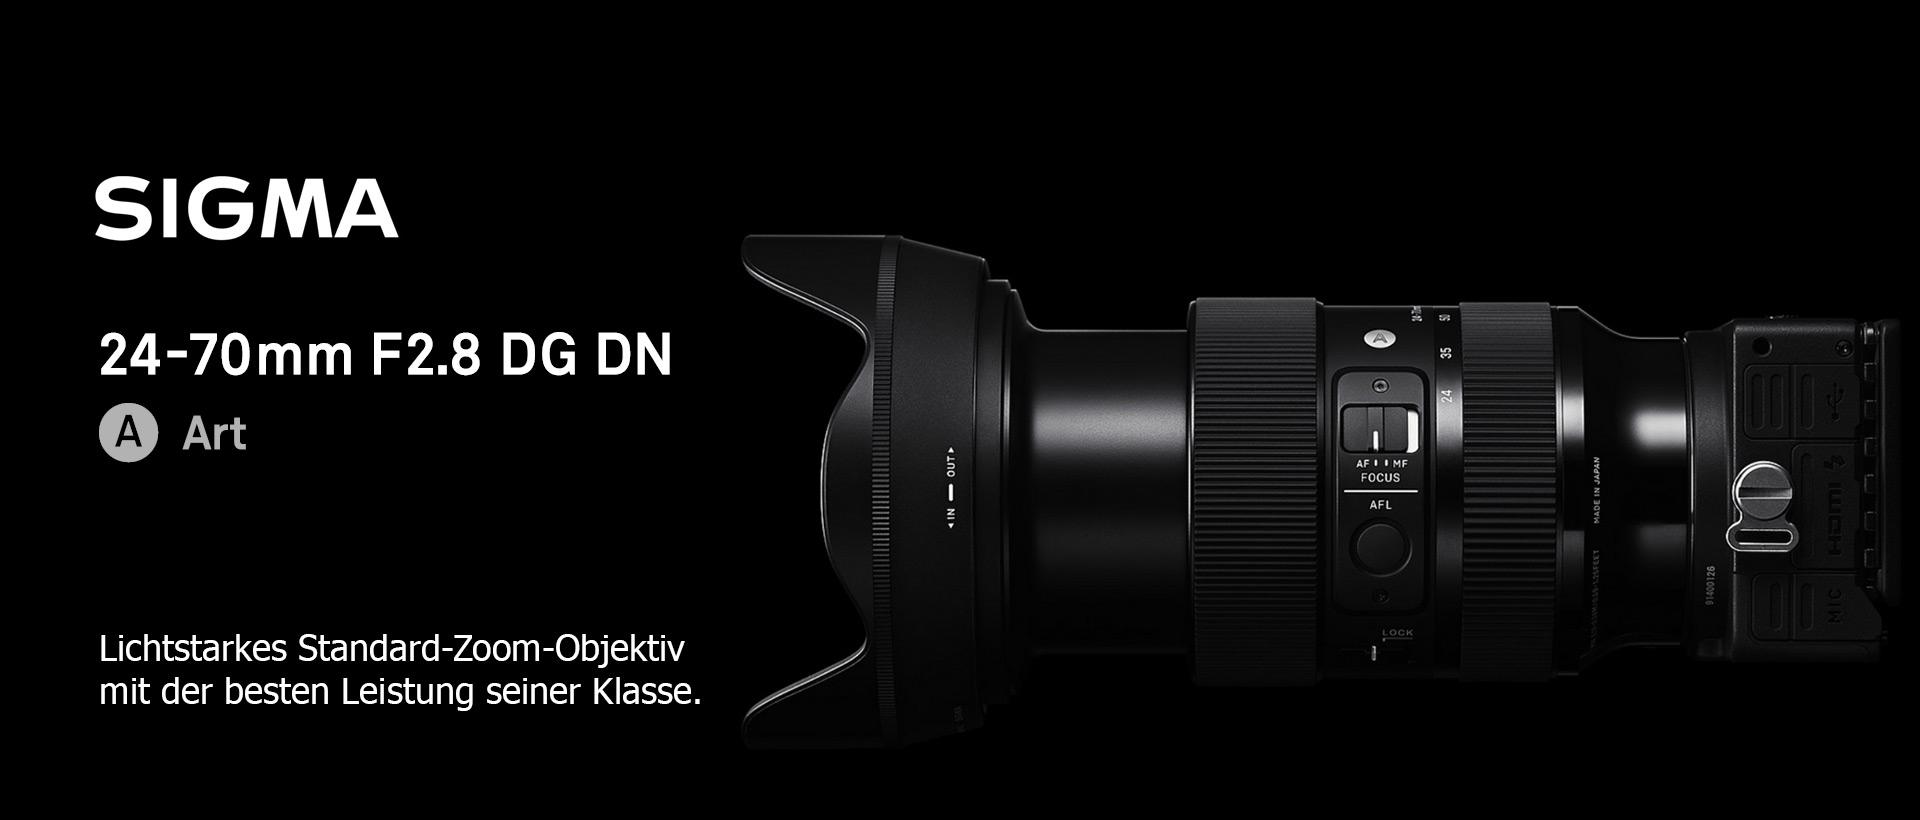 SIGMA 24-70mm F2.8 DG DN  Art – L-Mount